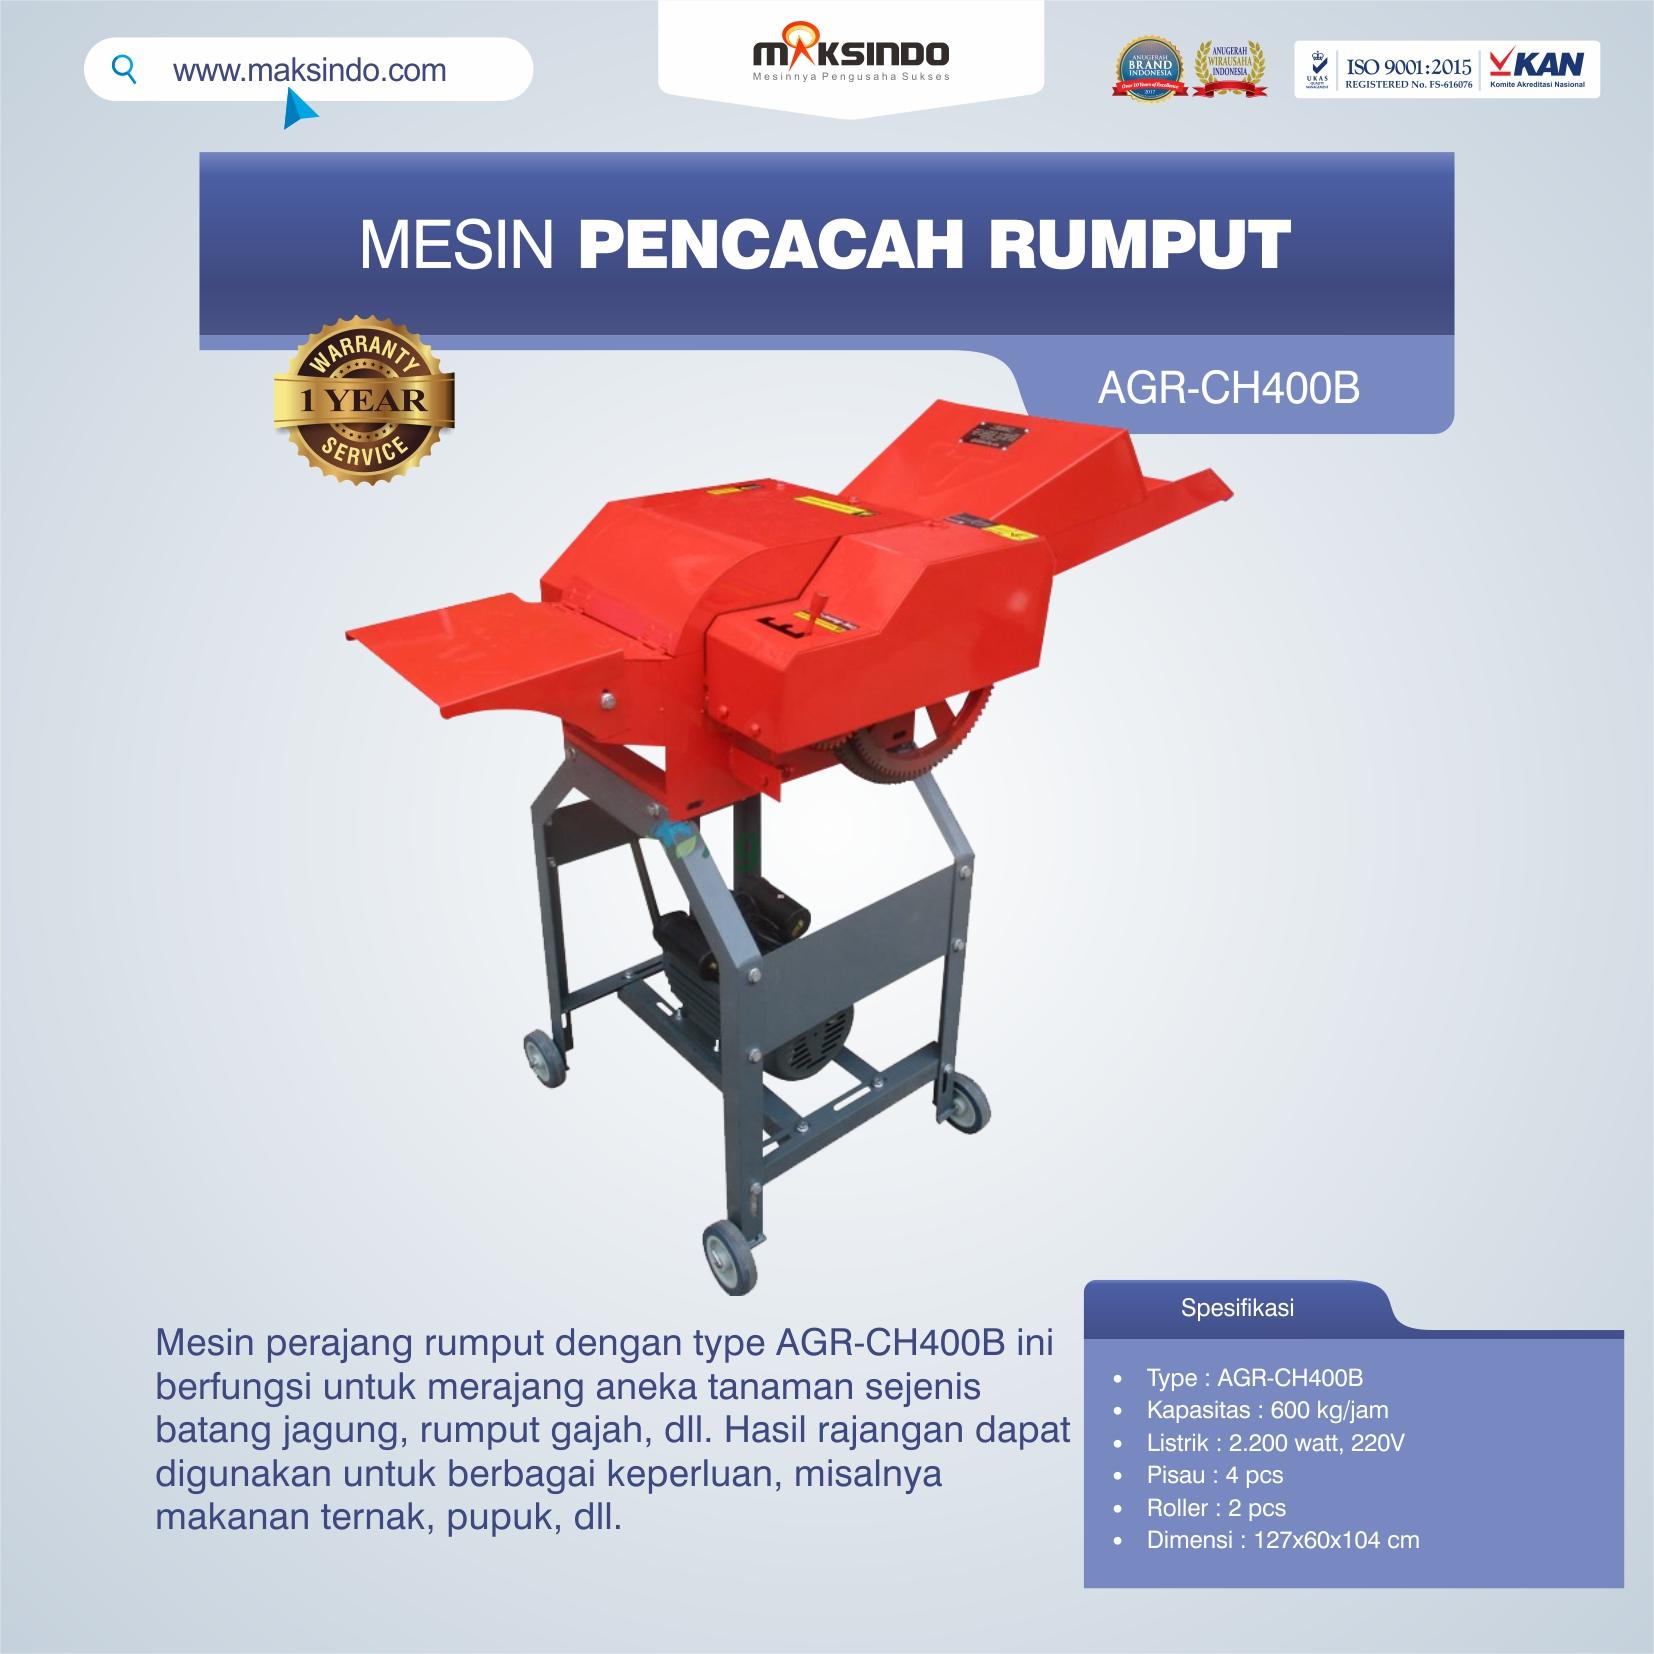 Jual Mesin Pencacah RumputAGR-CH400B di Bekasi